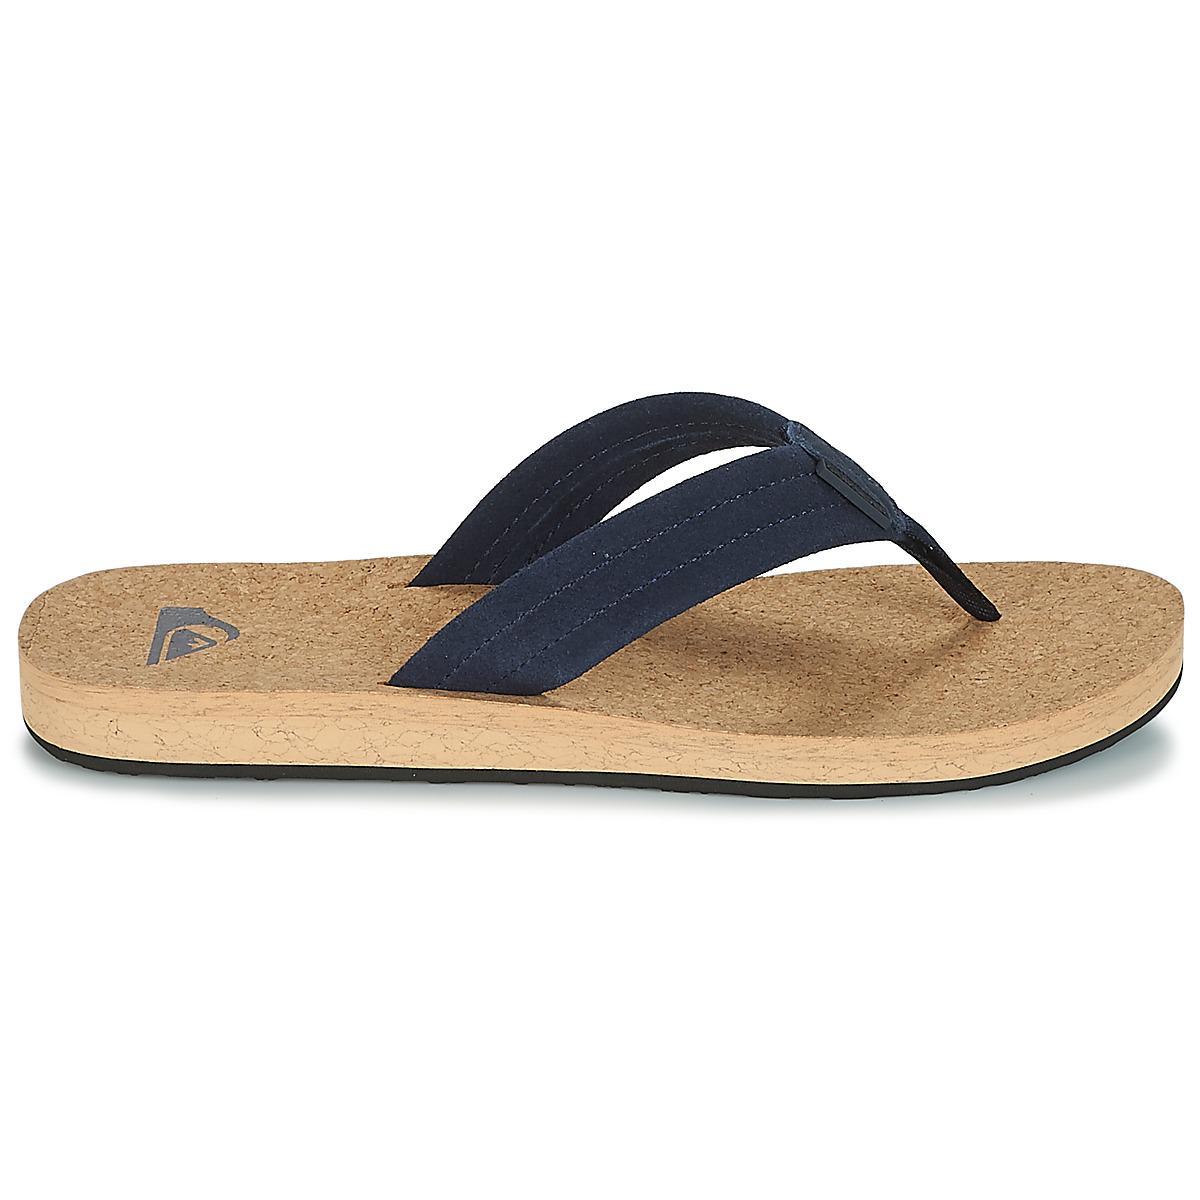 05940f28a419 Quiksilver Carver Cork M Sndl Xbcb Men s Flip Flops   Sandals (shoes ...